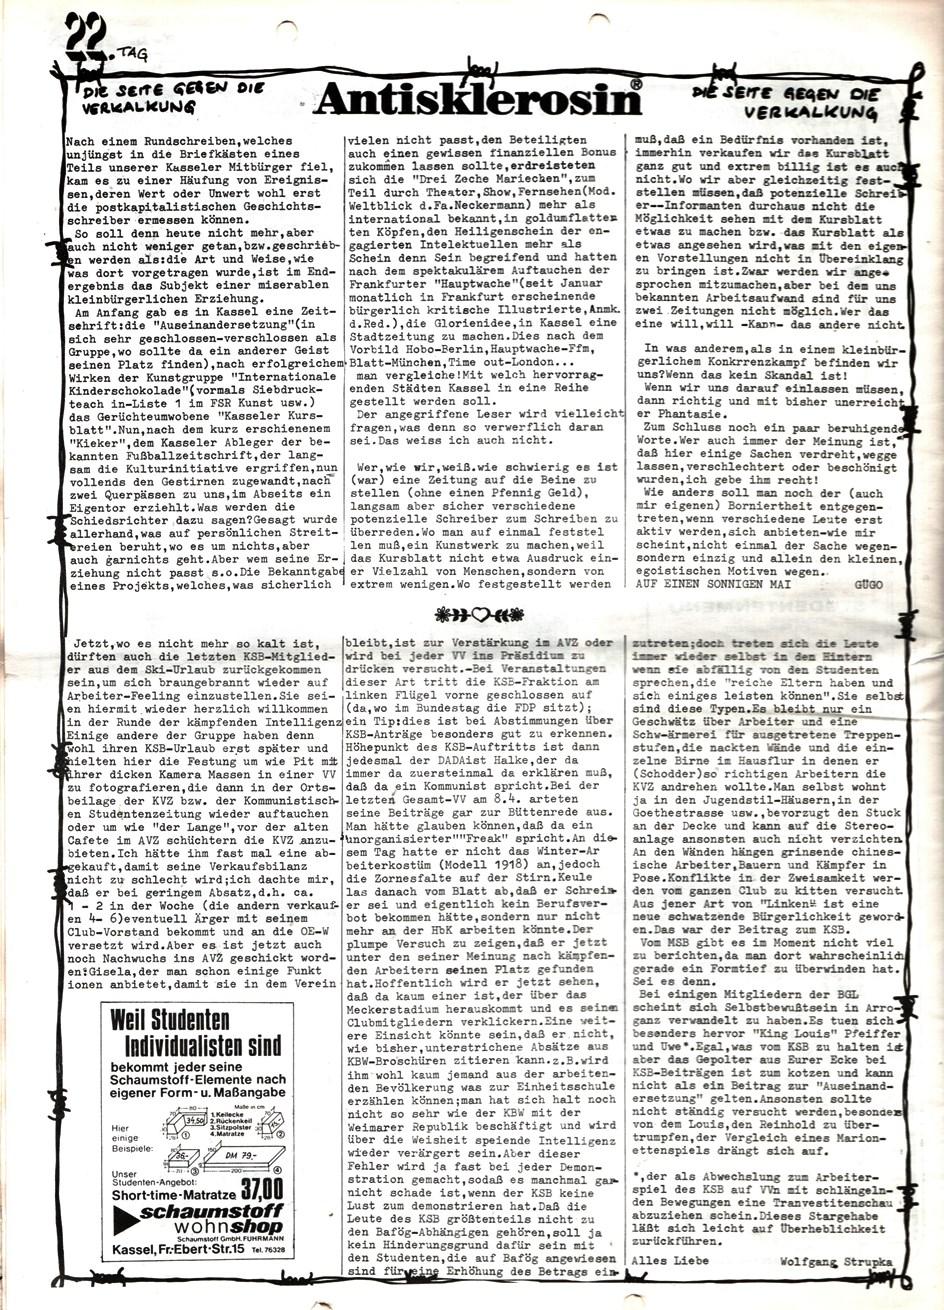 Kasseler_Kursblatt_1976_008_022